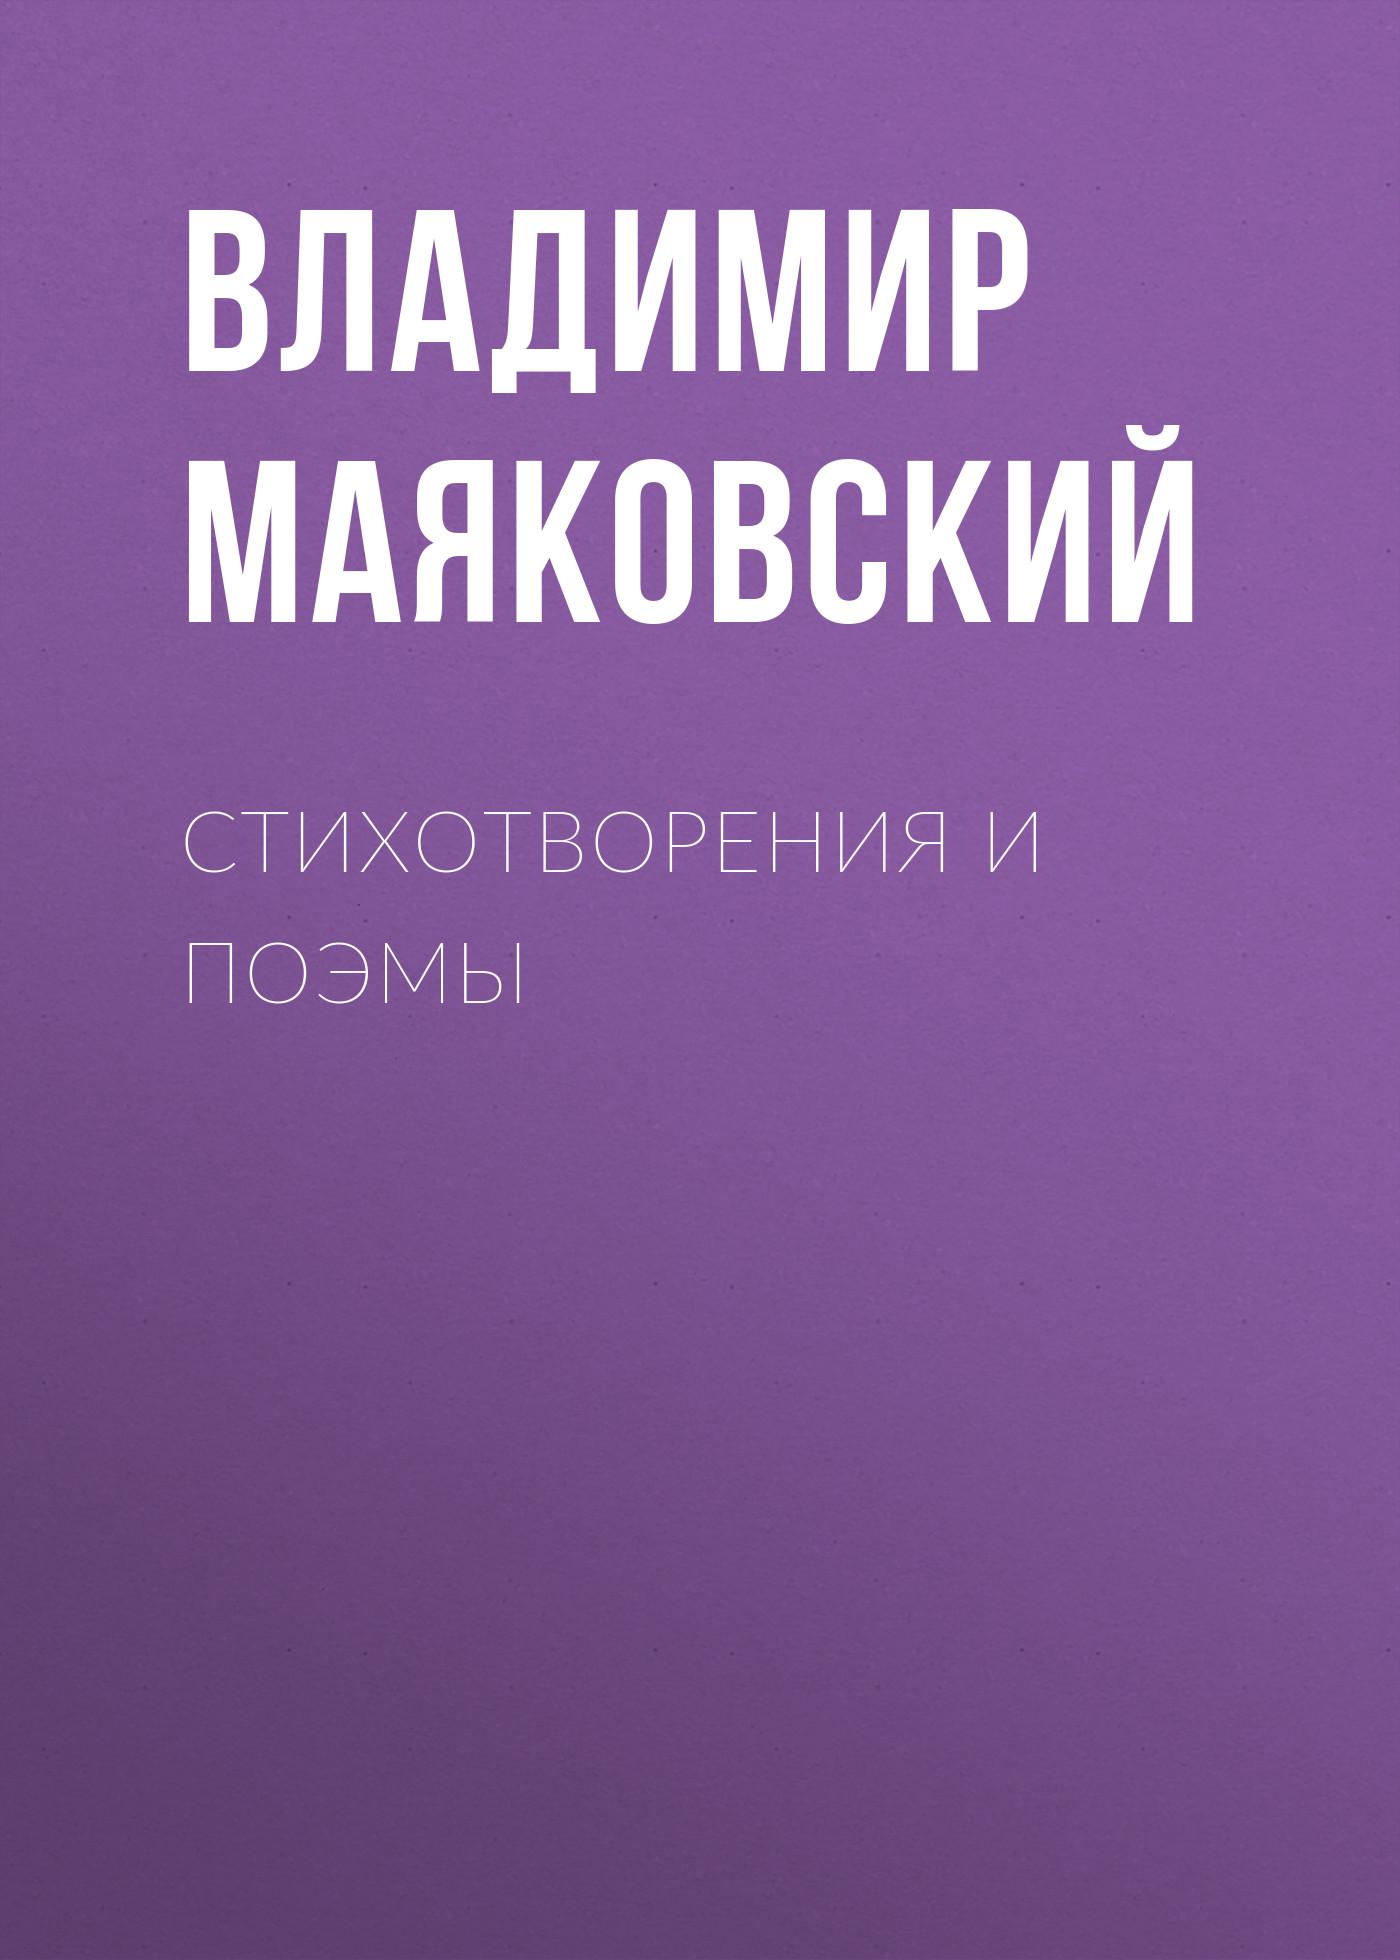 Фото - Владимир Маяковский Стихотворения и поэмы в в маяковский послушайте